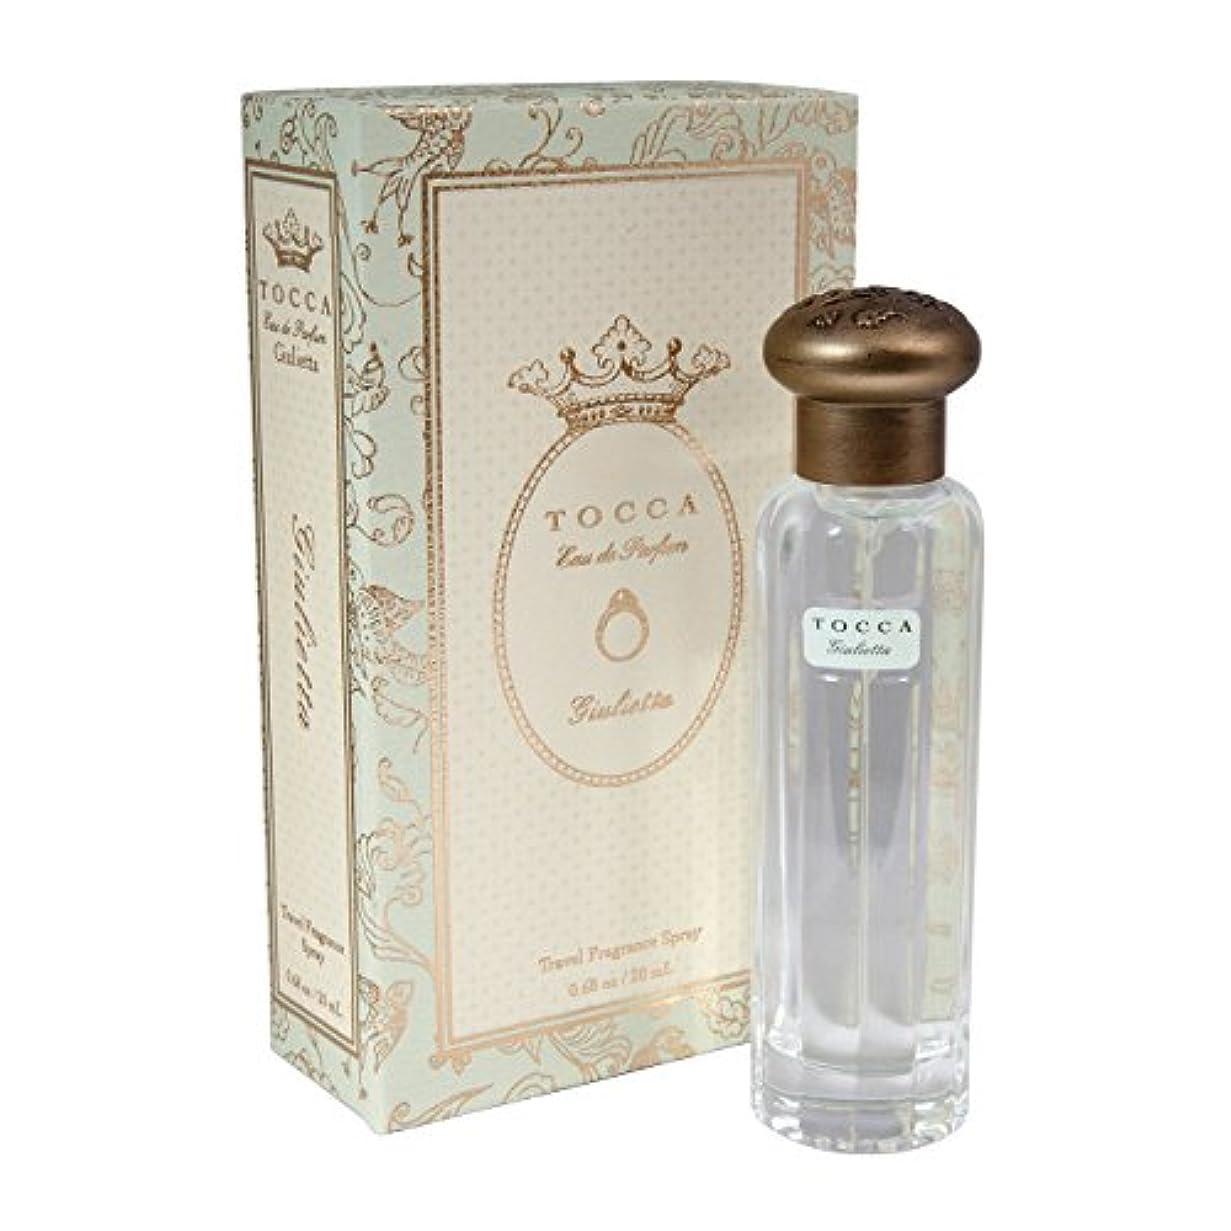 脳技術的な露骨なトッカ(TOCCA)  トラベルフレグランススプレー ジュリエッタの香り 20ml(香水 オードパルファム 映画監督と女優である妻とのラブストーリーを描く、グリーンアップルとチューリップの甘く優美な香り)